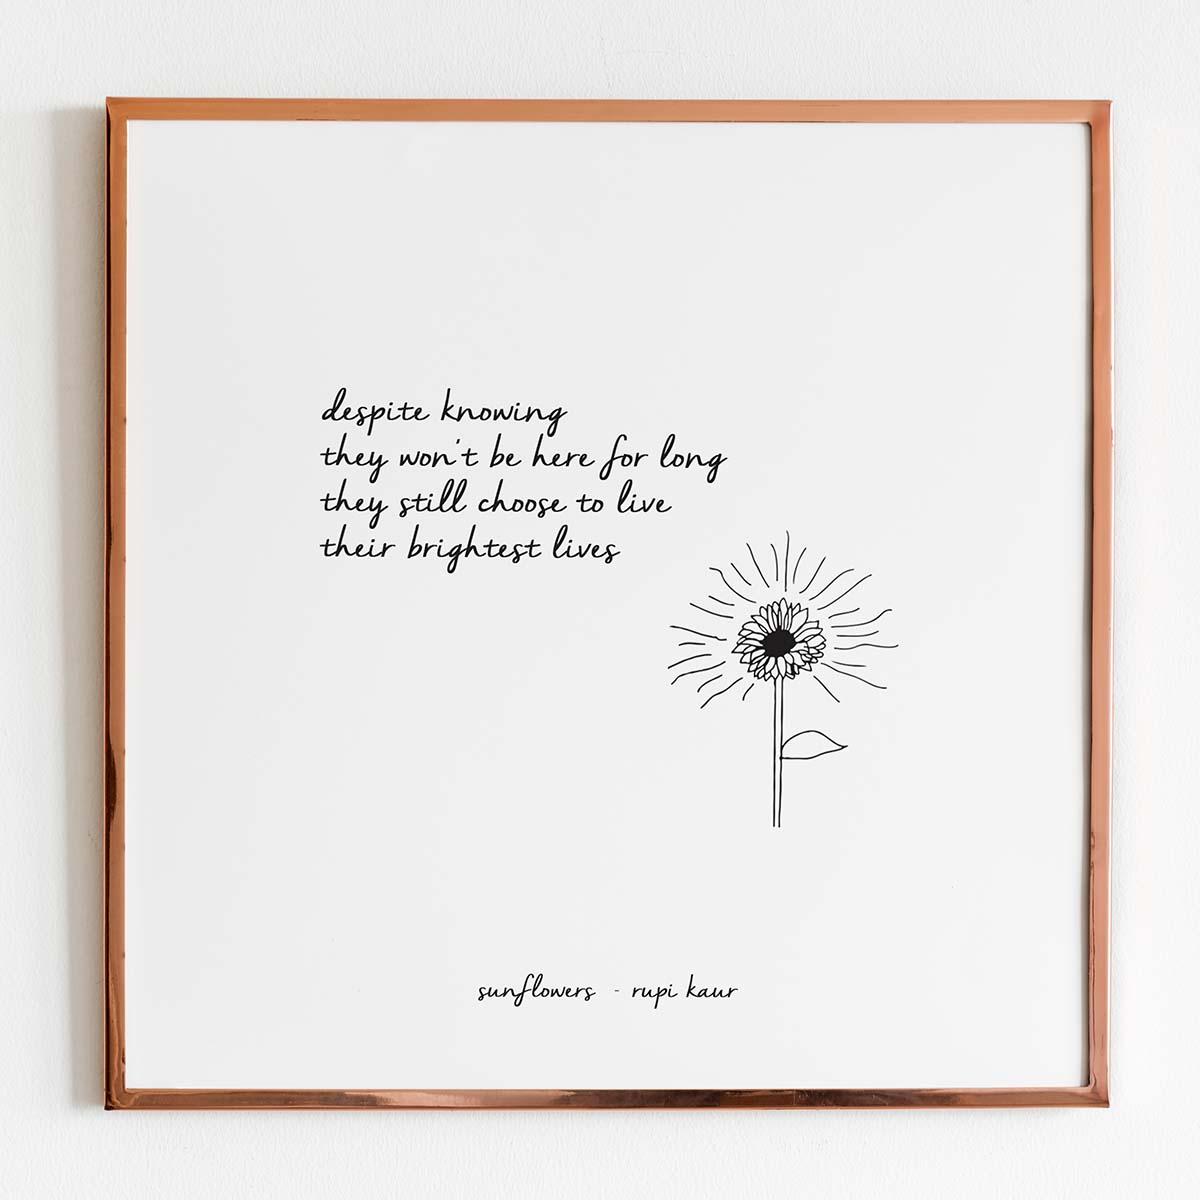 sunflowers-poem-gift.jpg